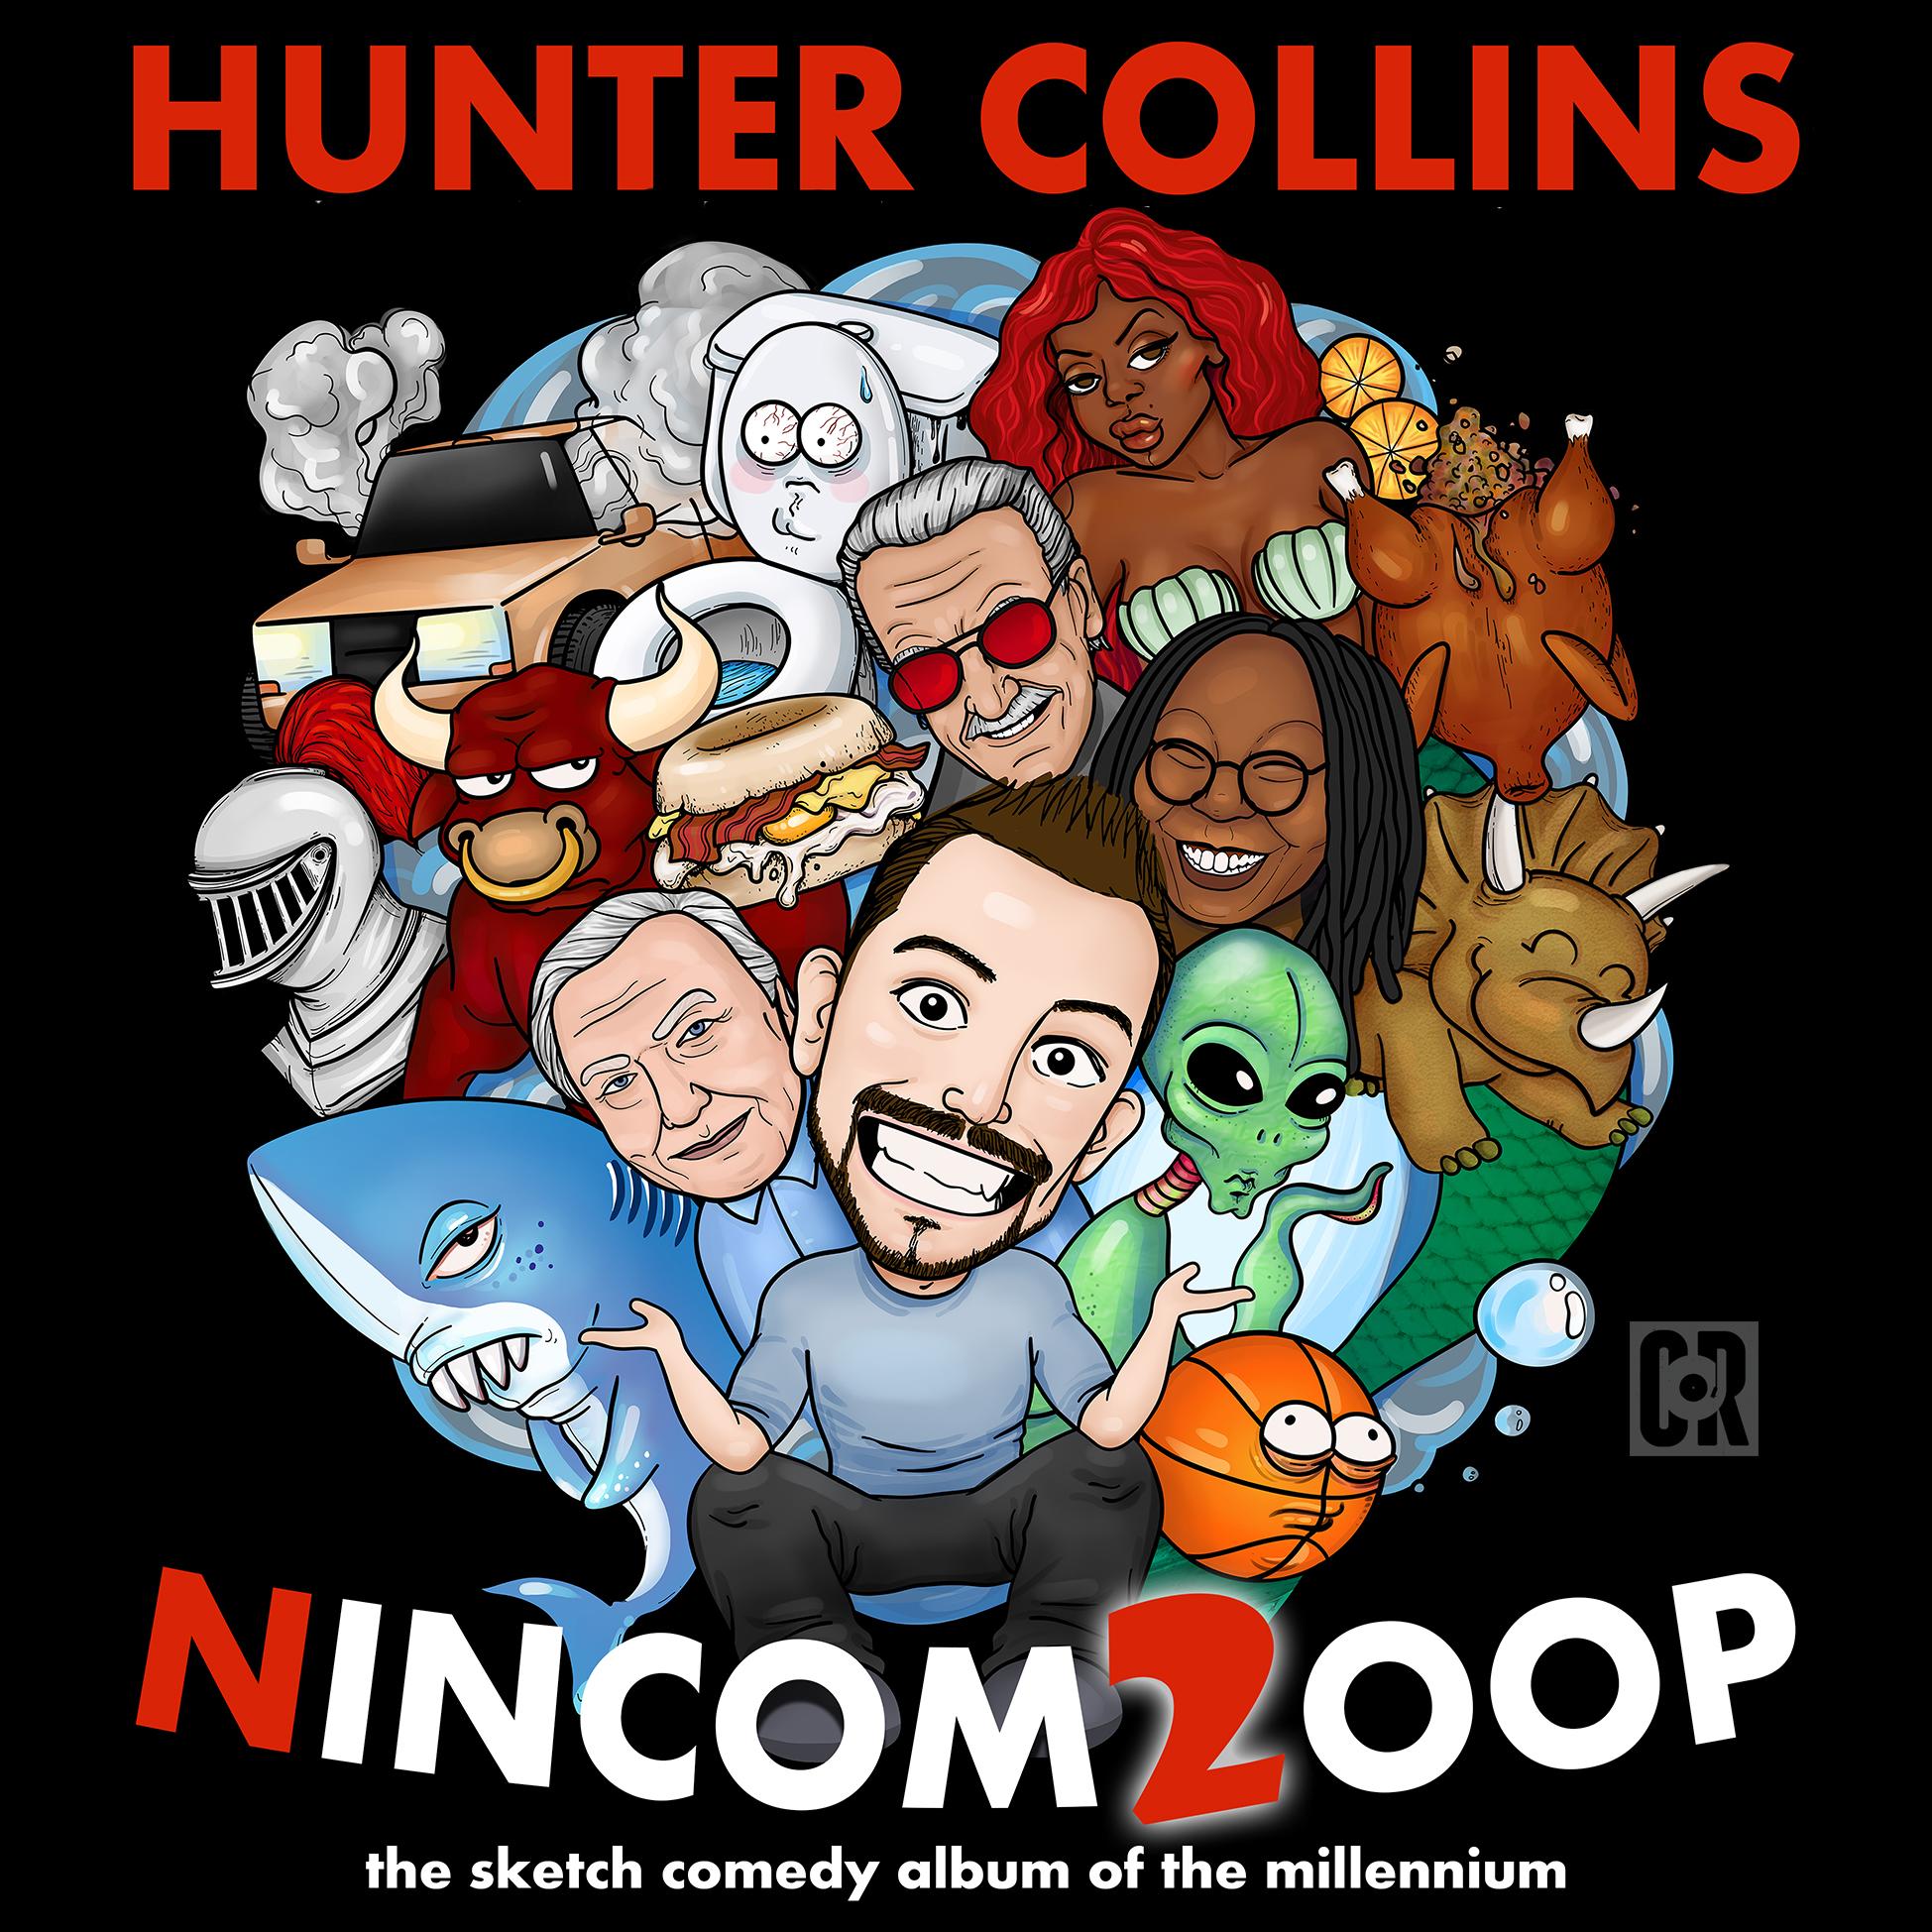 Nincom2oop Cover.jpg